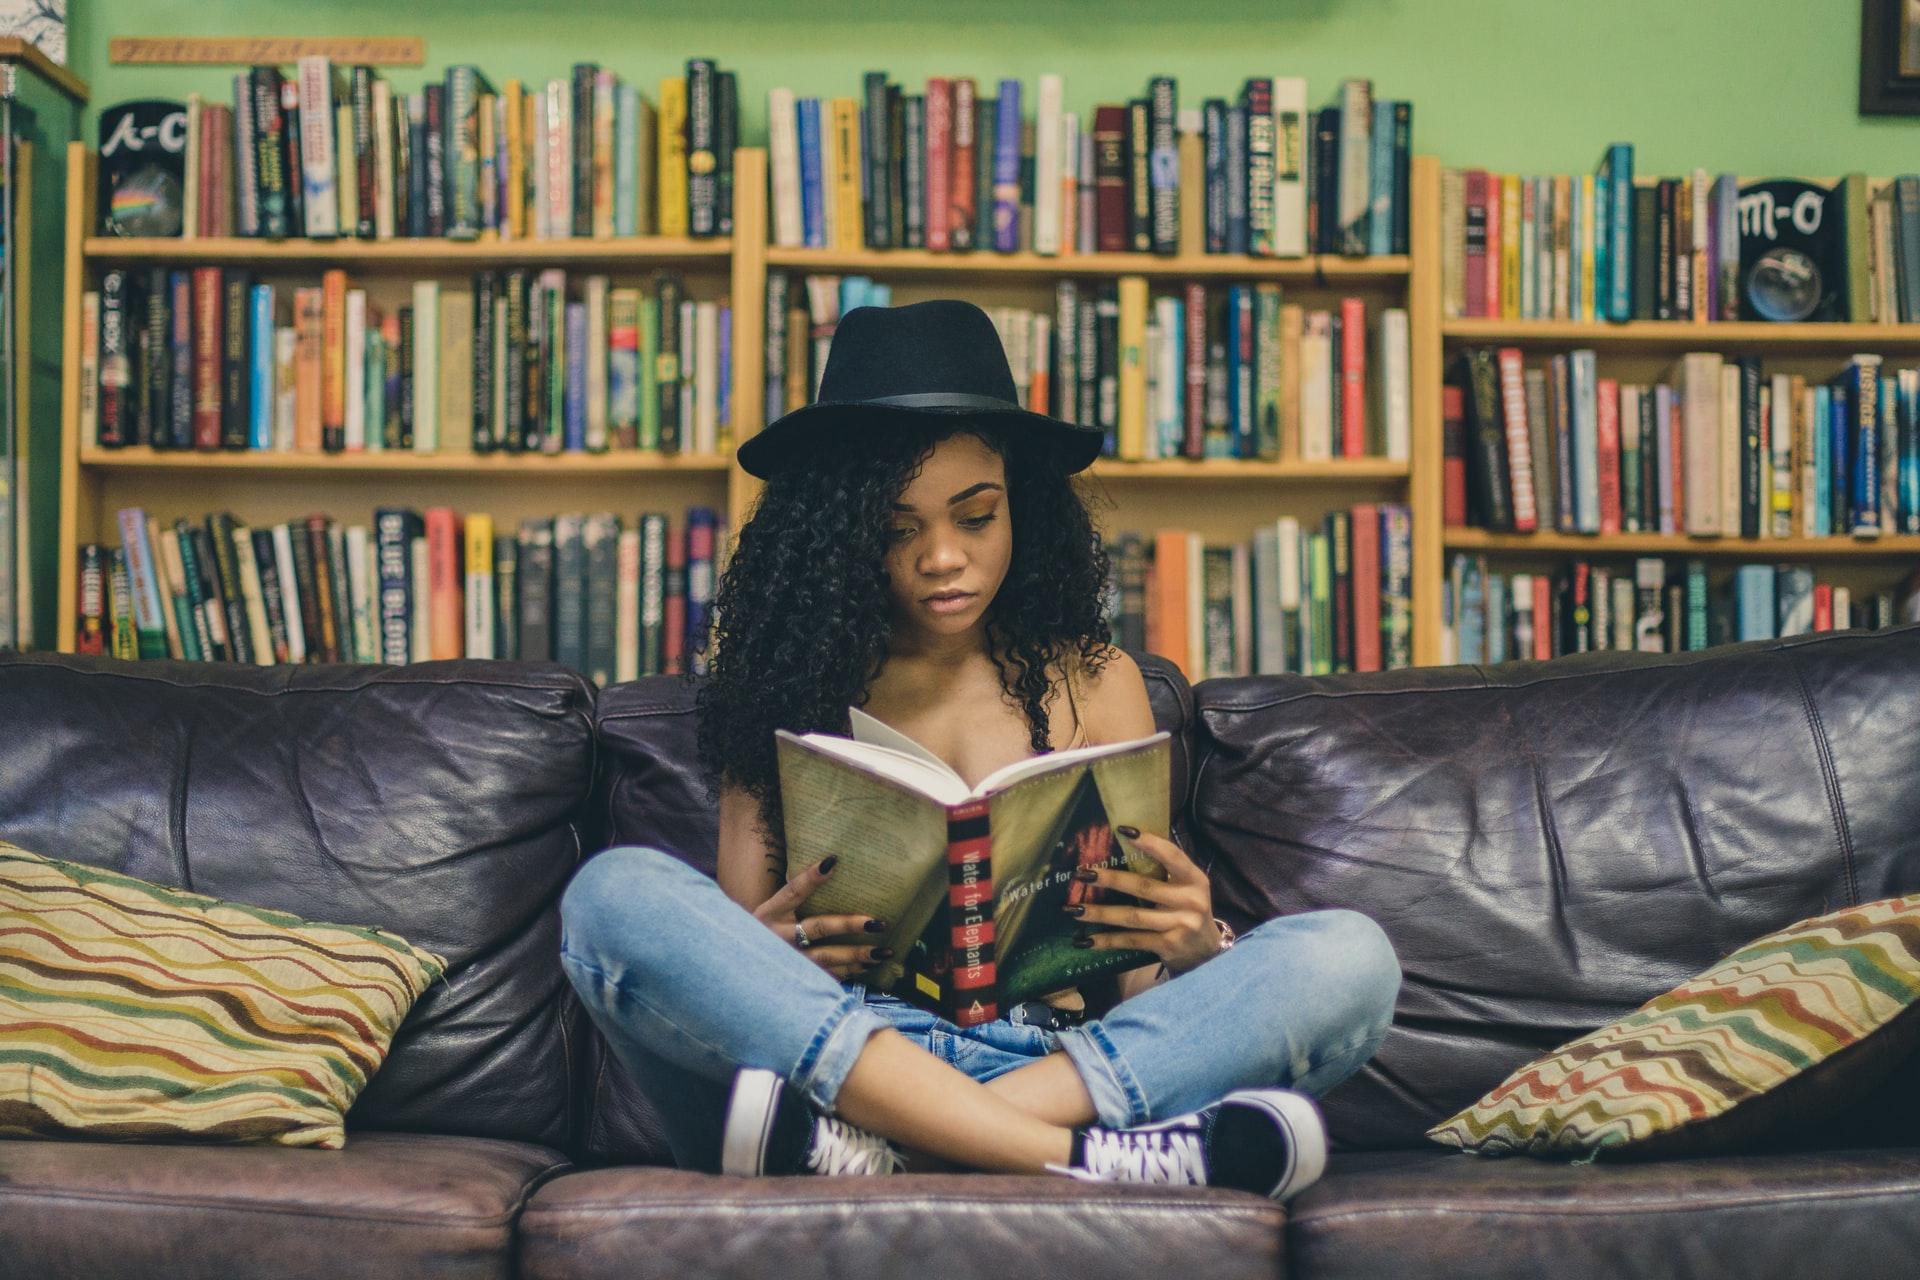 Bedrijfsbezoek Boekhandel Van de Ven